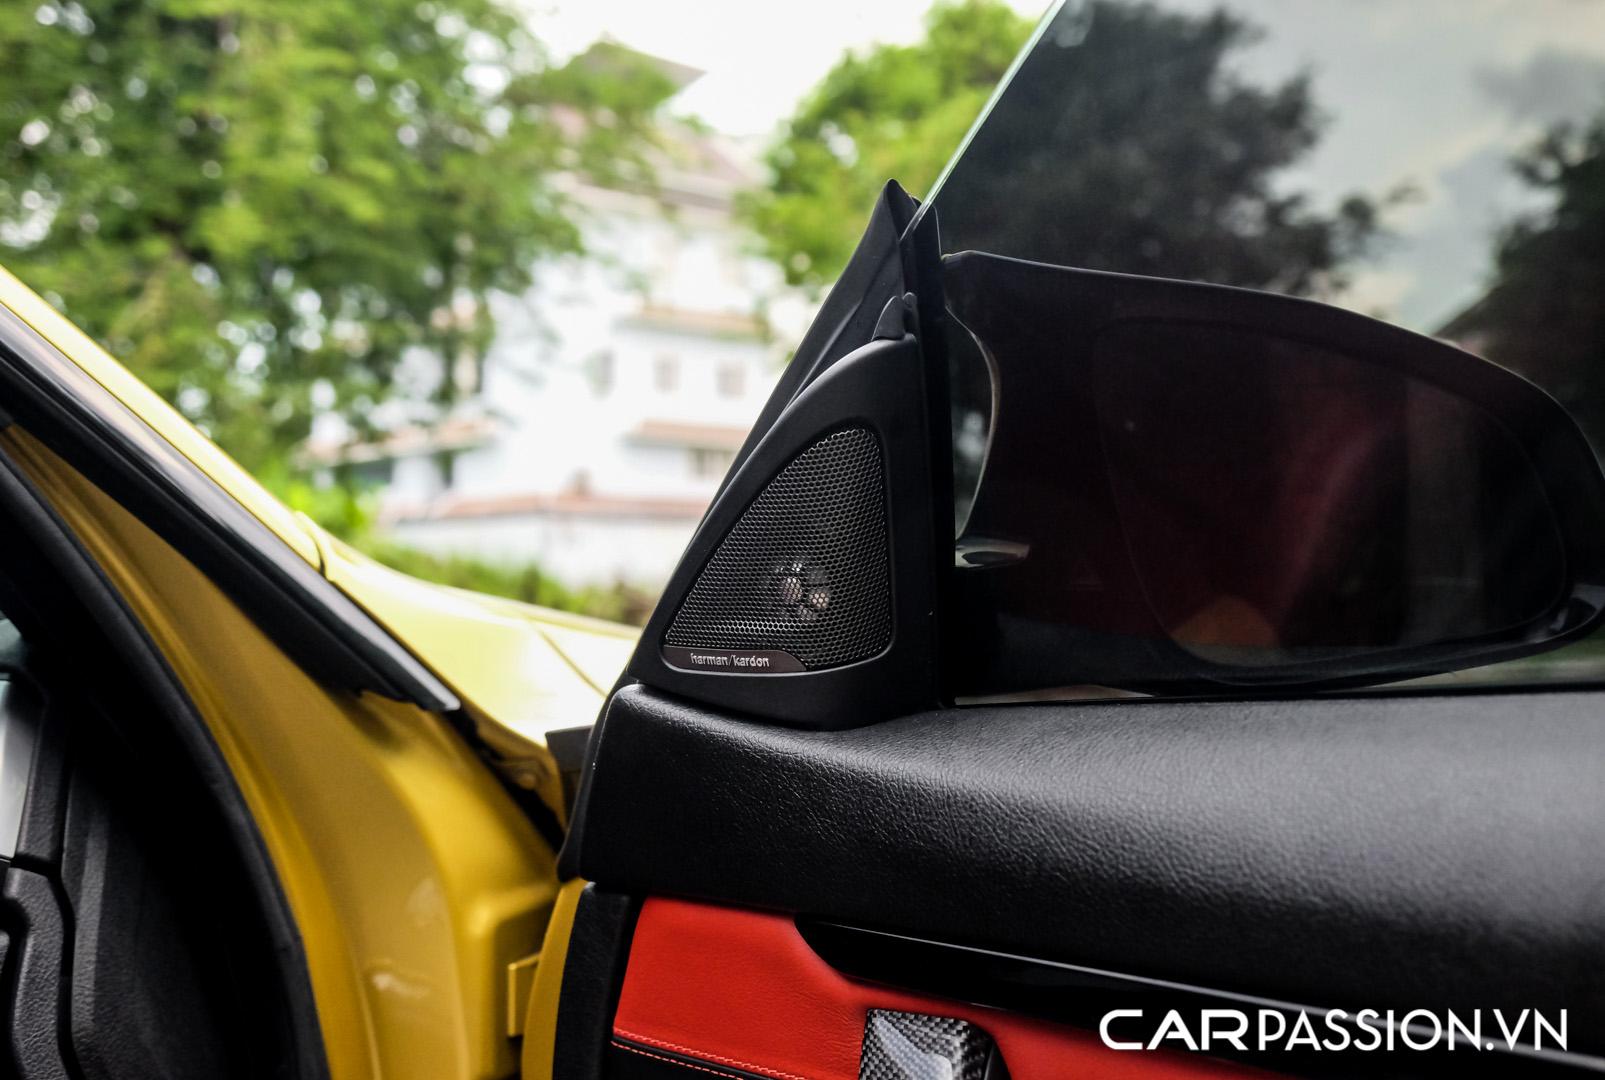 CP-BMW M4 F8 được rao bán (44).jpg